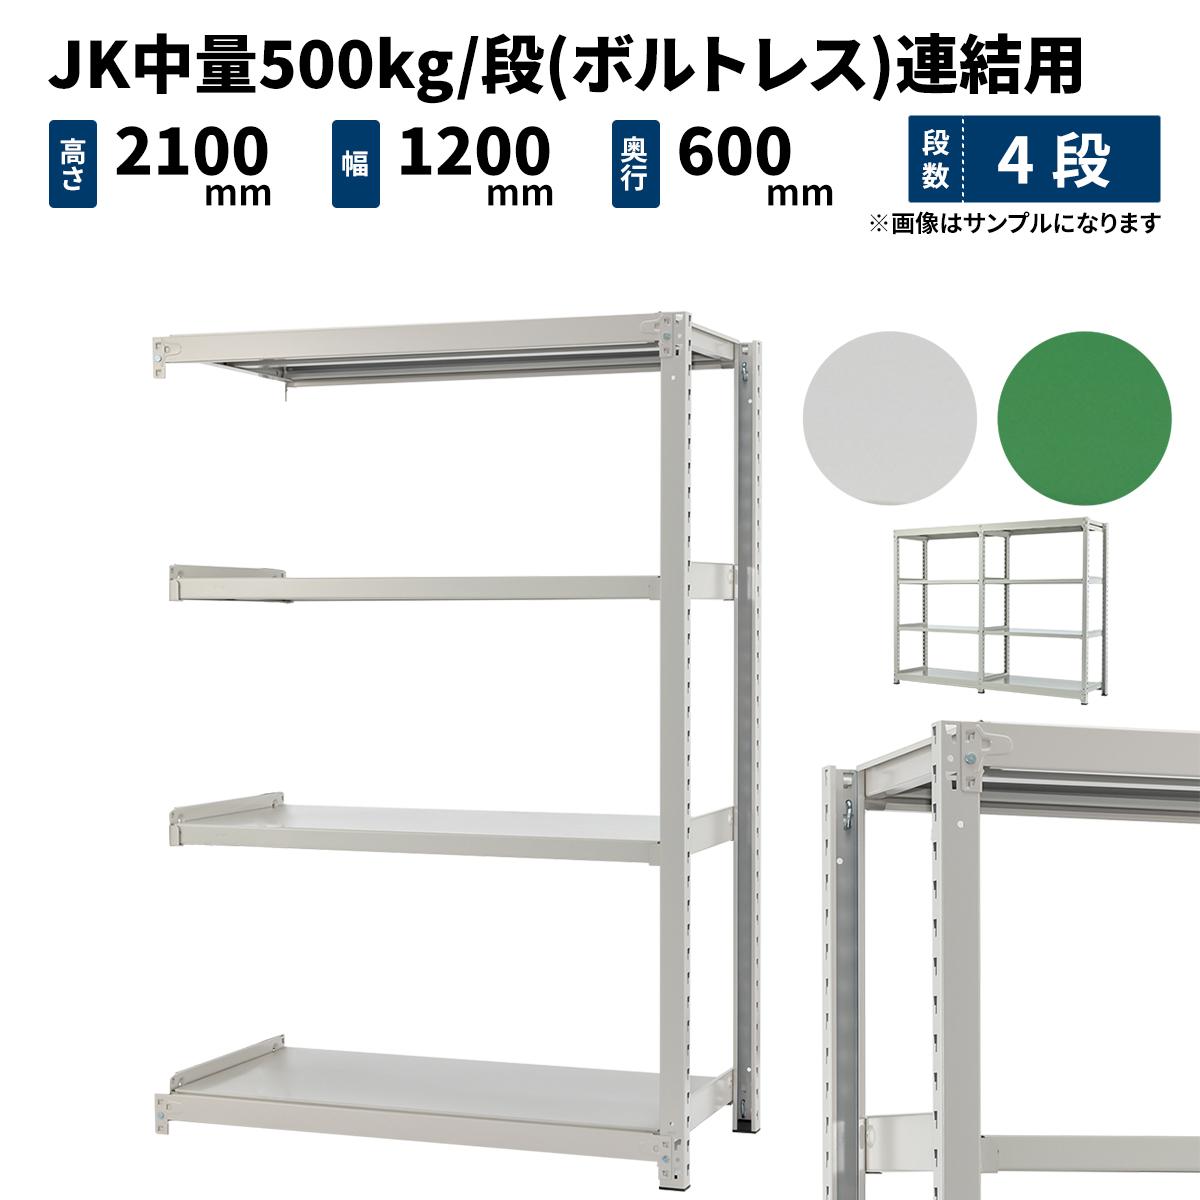 スチールラック 業務用 JK中量500kg/段(ボルトレス) 連結形式 高さ2100×幅1200×奥行600mm 4段 ホワイトグレー/グリーン (62kg) JK500_R-211206-4